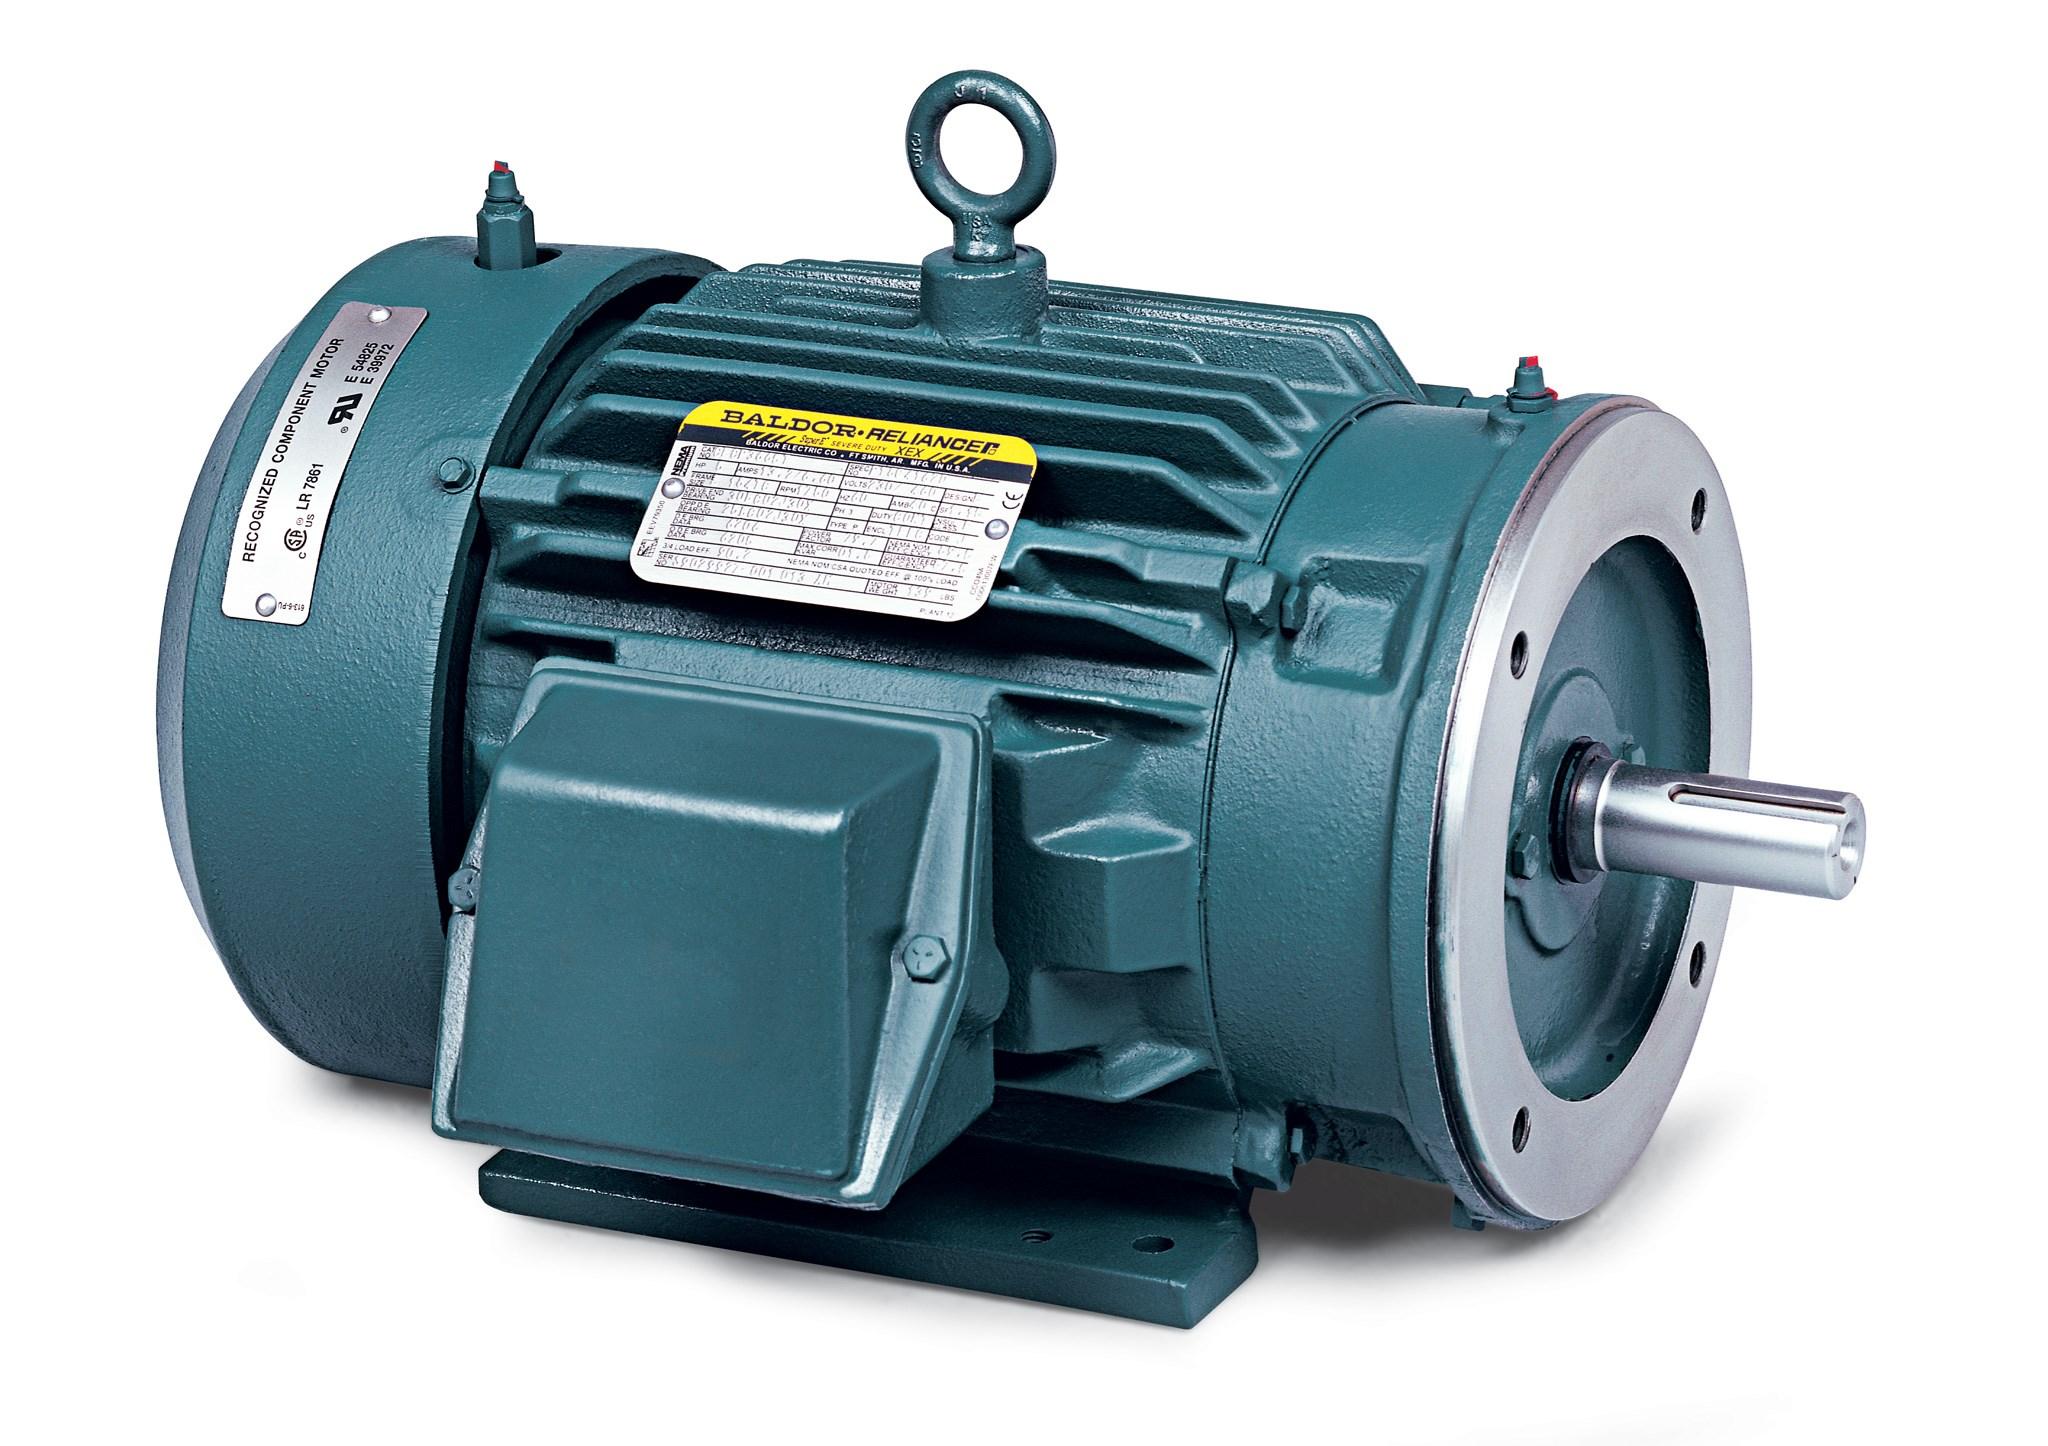 Baldor Dc Motor Wiring Diagram 30 Wiring Diagram Images